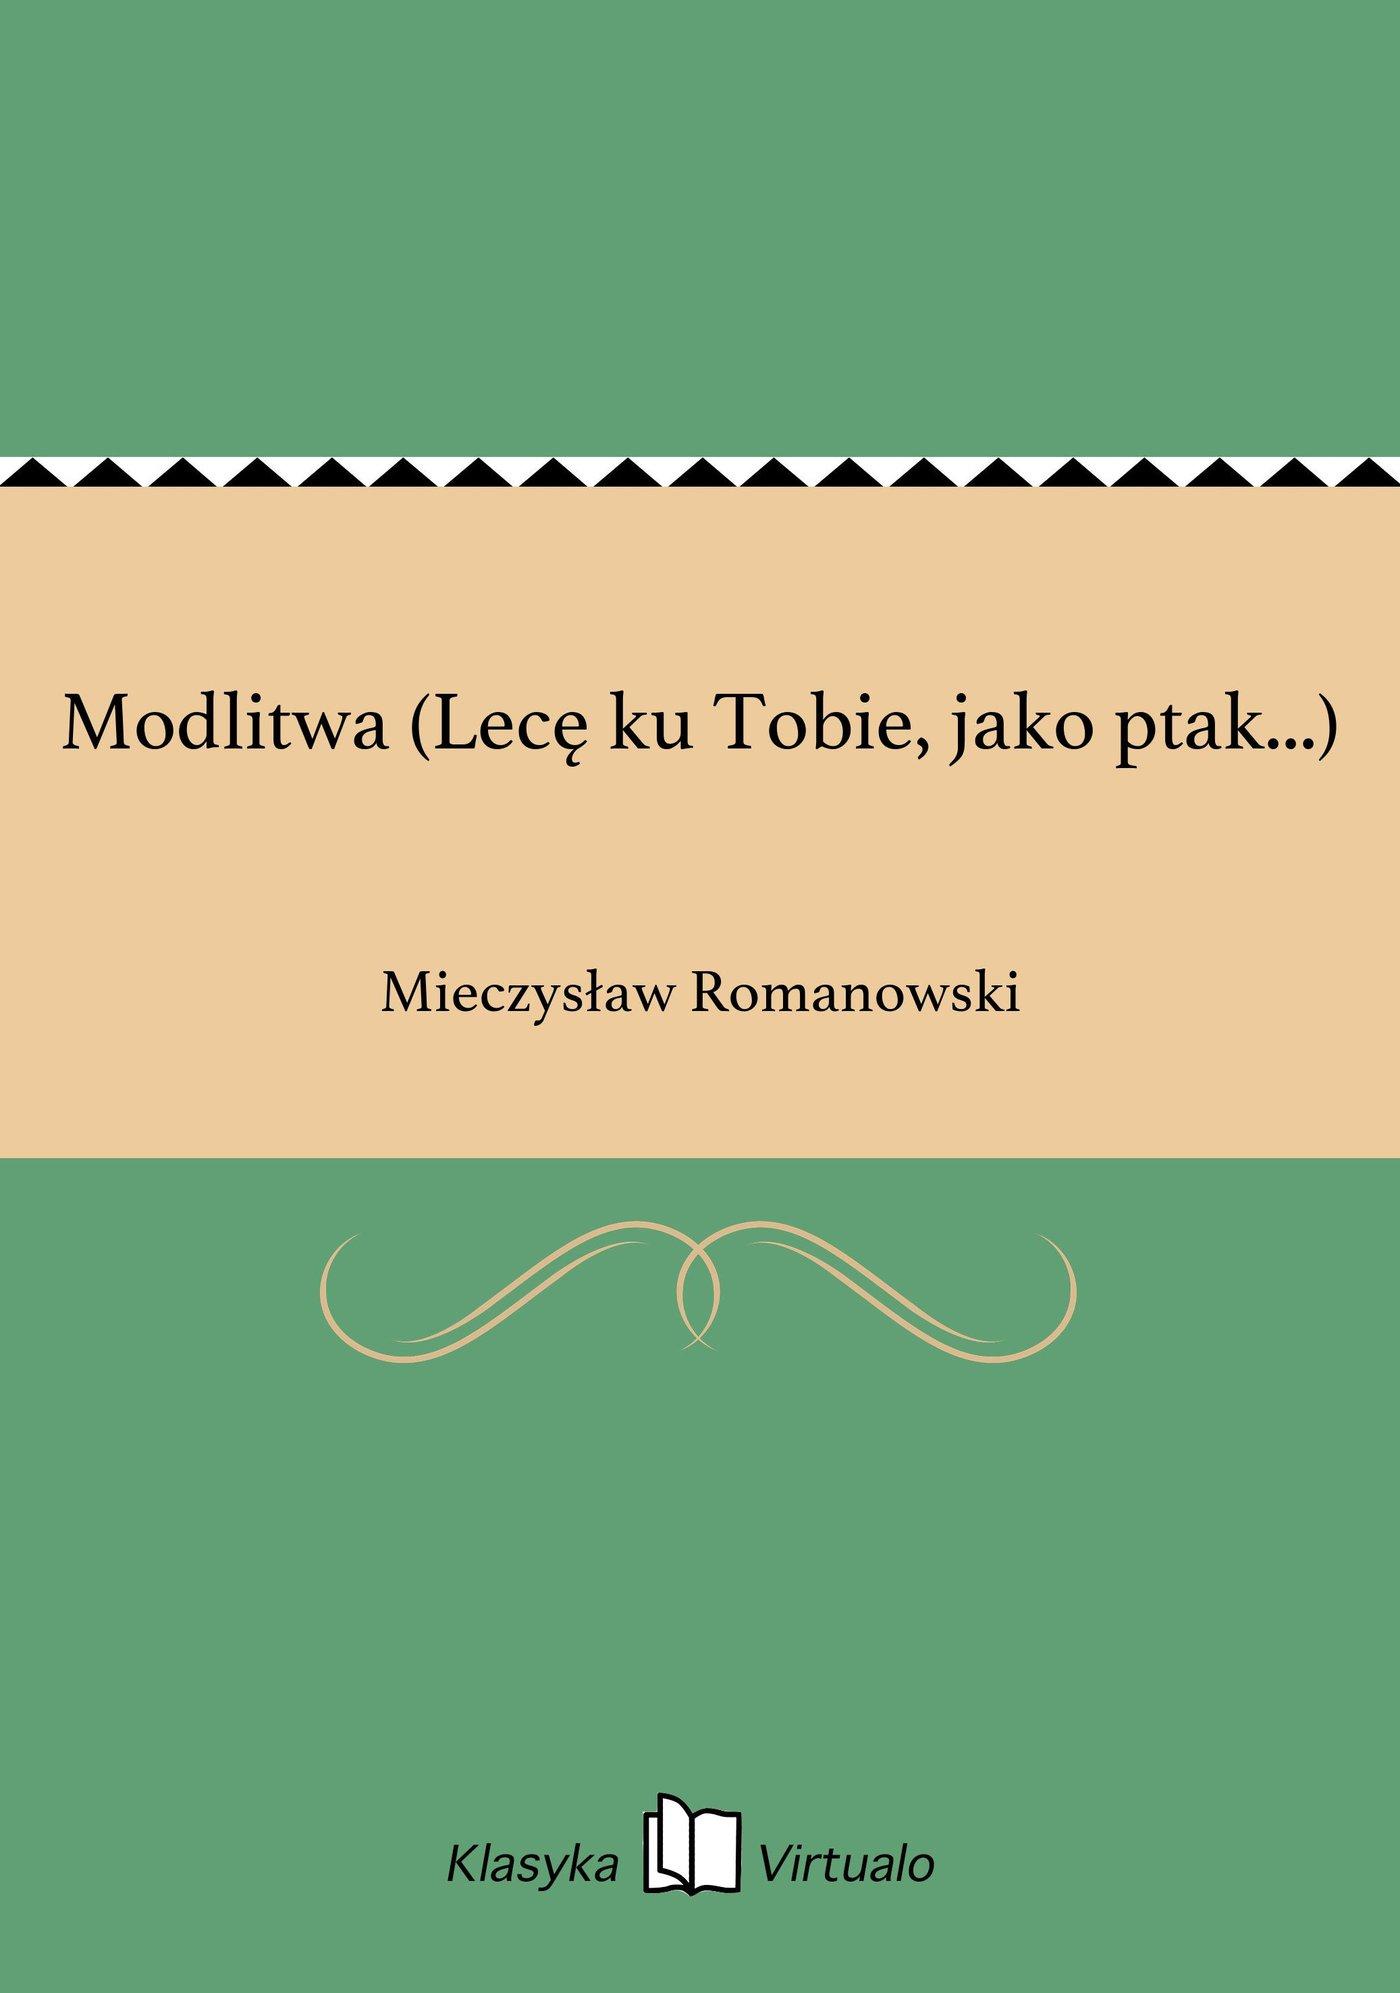 Modlitwa (Lecę ku Tobie, jako ptak...) - Ebook (Książka na Kindle) do pobrania w formacie MOBI